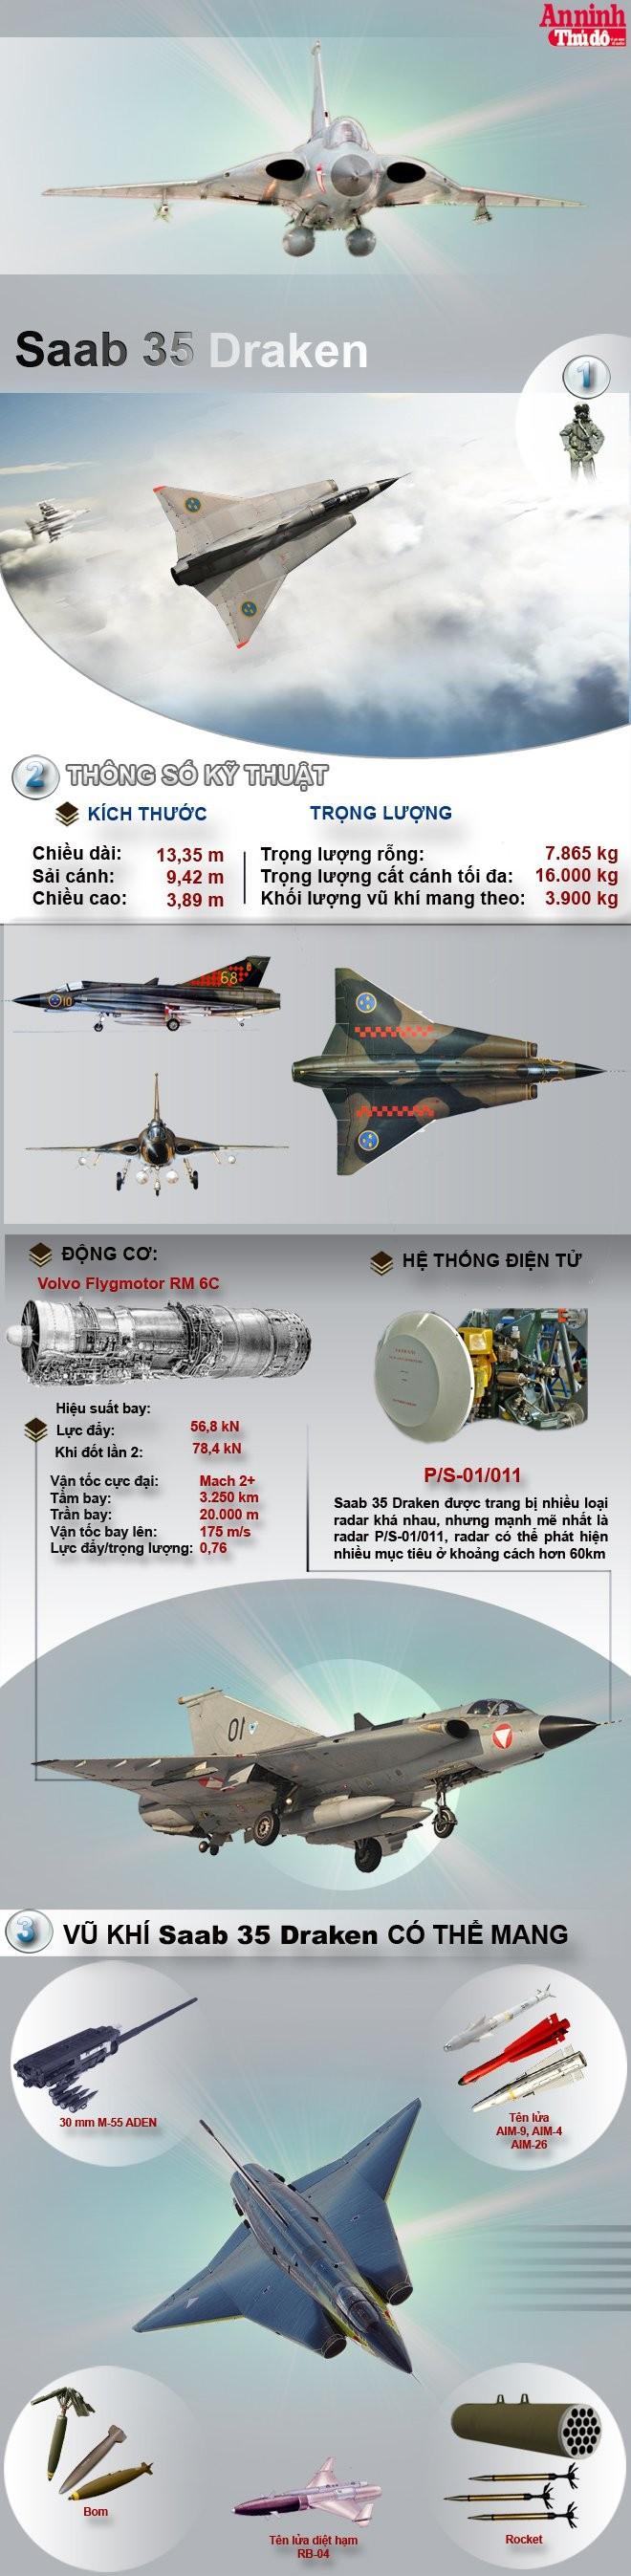 """[Infographic] Saab 35 Draken - Uy lực đáng sợ của tiêm kích biệt danh """"Rồng trời"""""""